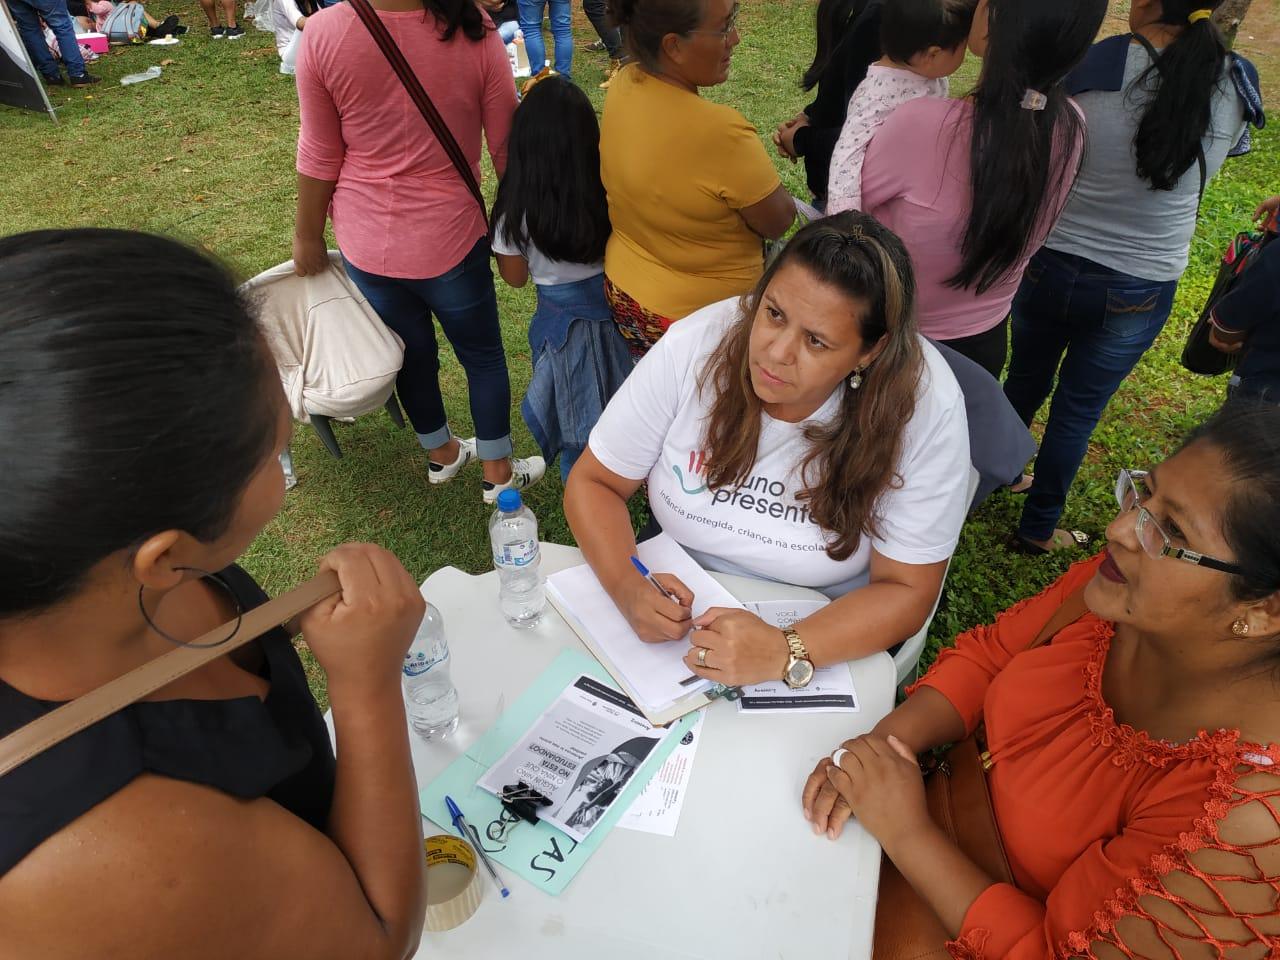 mulher sentada atende duas outras mulheres que estão de pé em tenda montada em festival